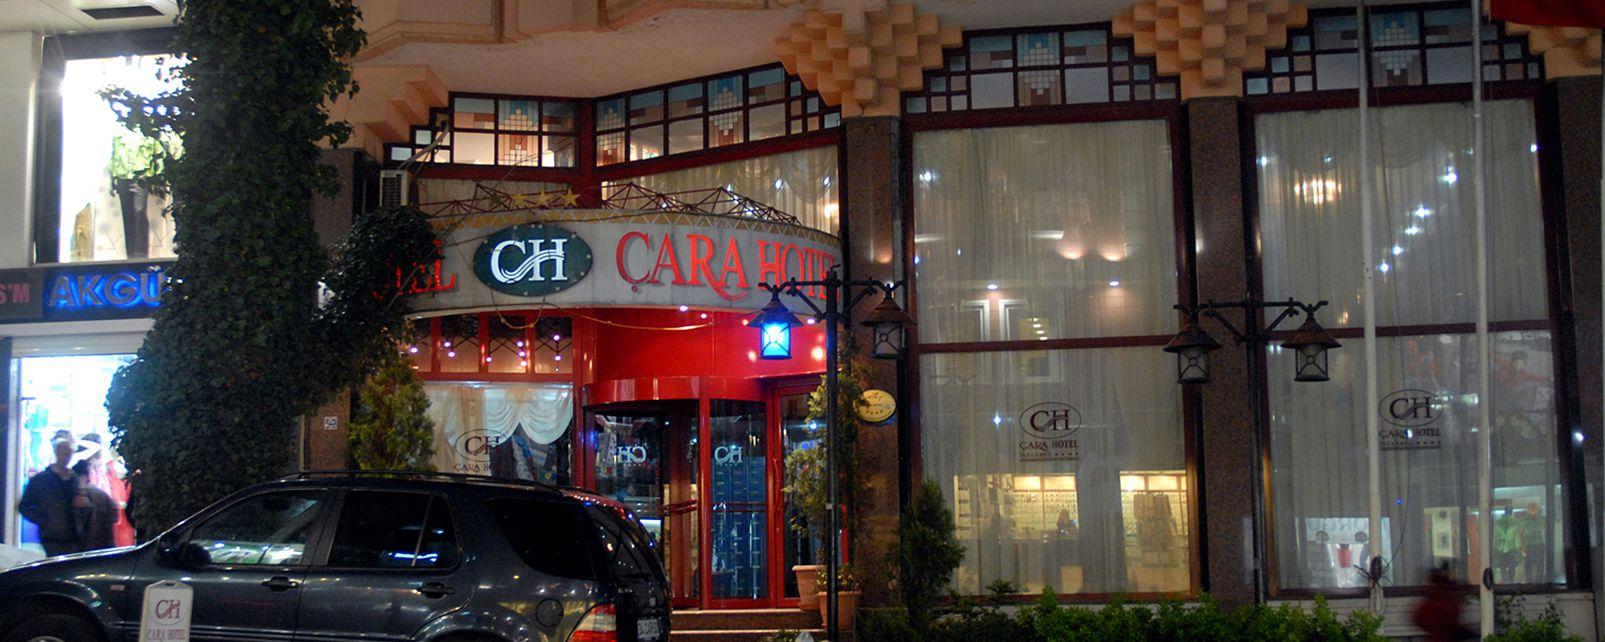 Hôtel Cara Hotel